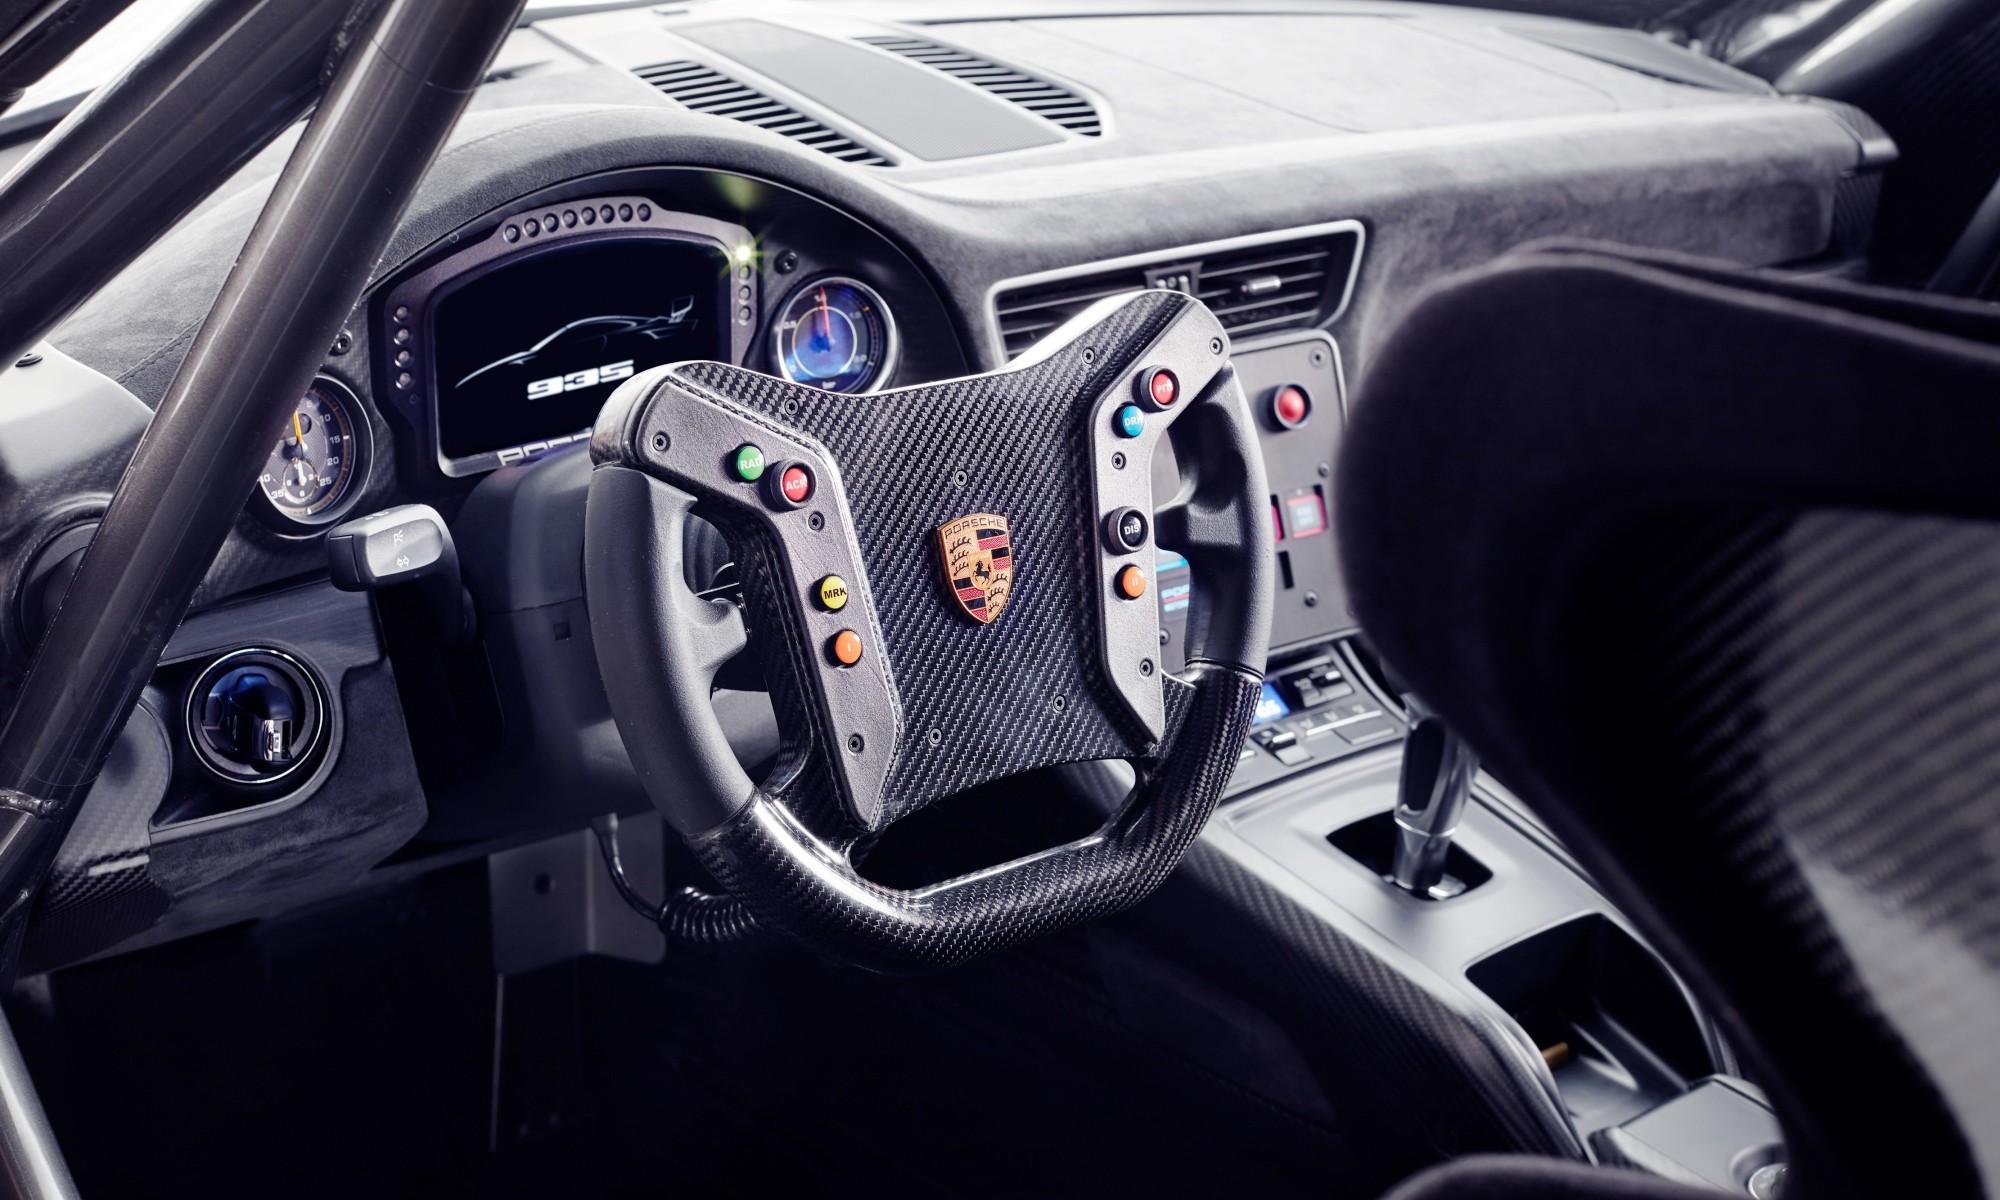 Porsche 935 Moby Dick homage interior